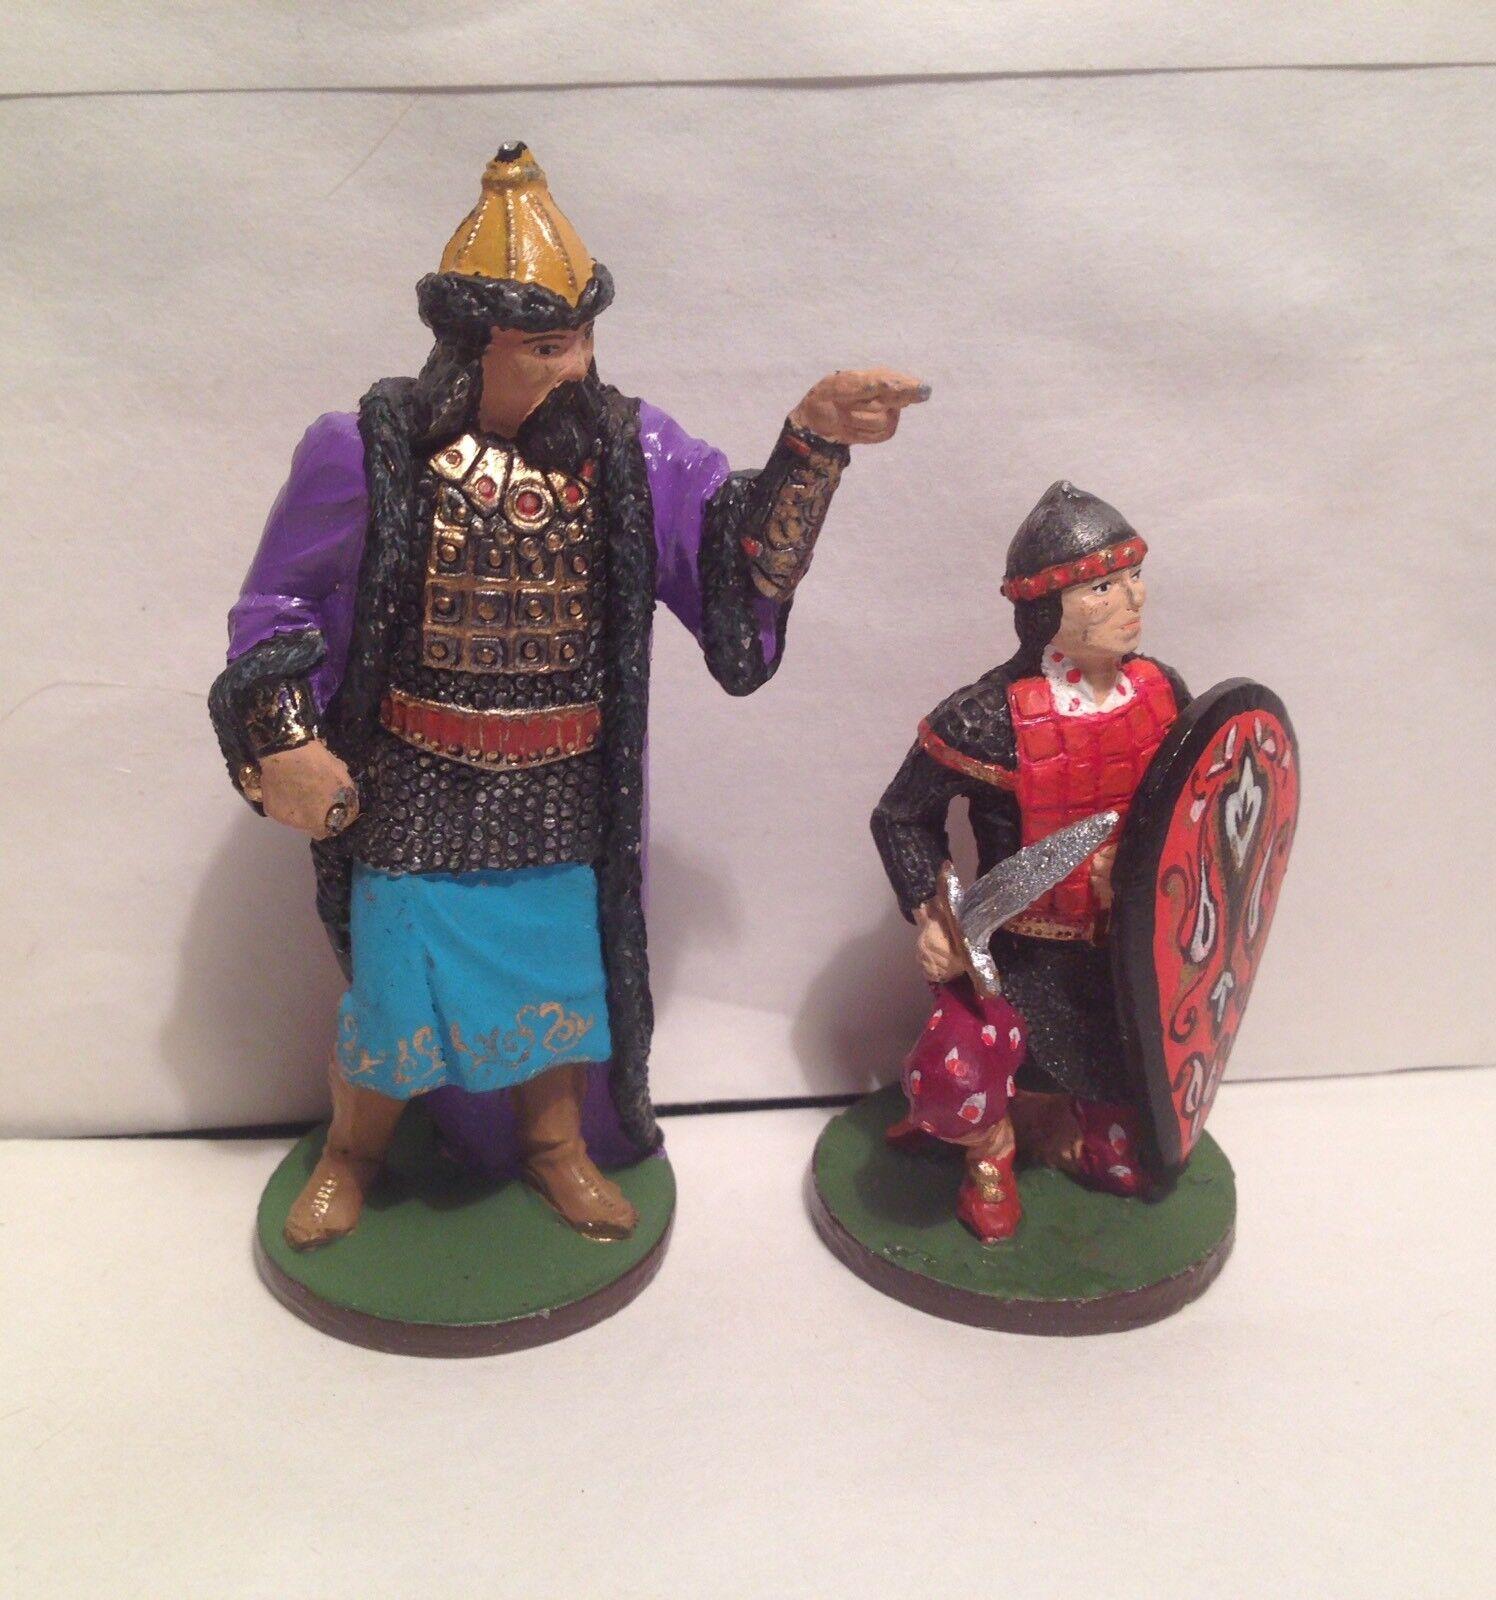 Niena Russian Metal Soldiers Genghis Khan Figurines Figures Handpainted rare